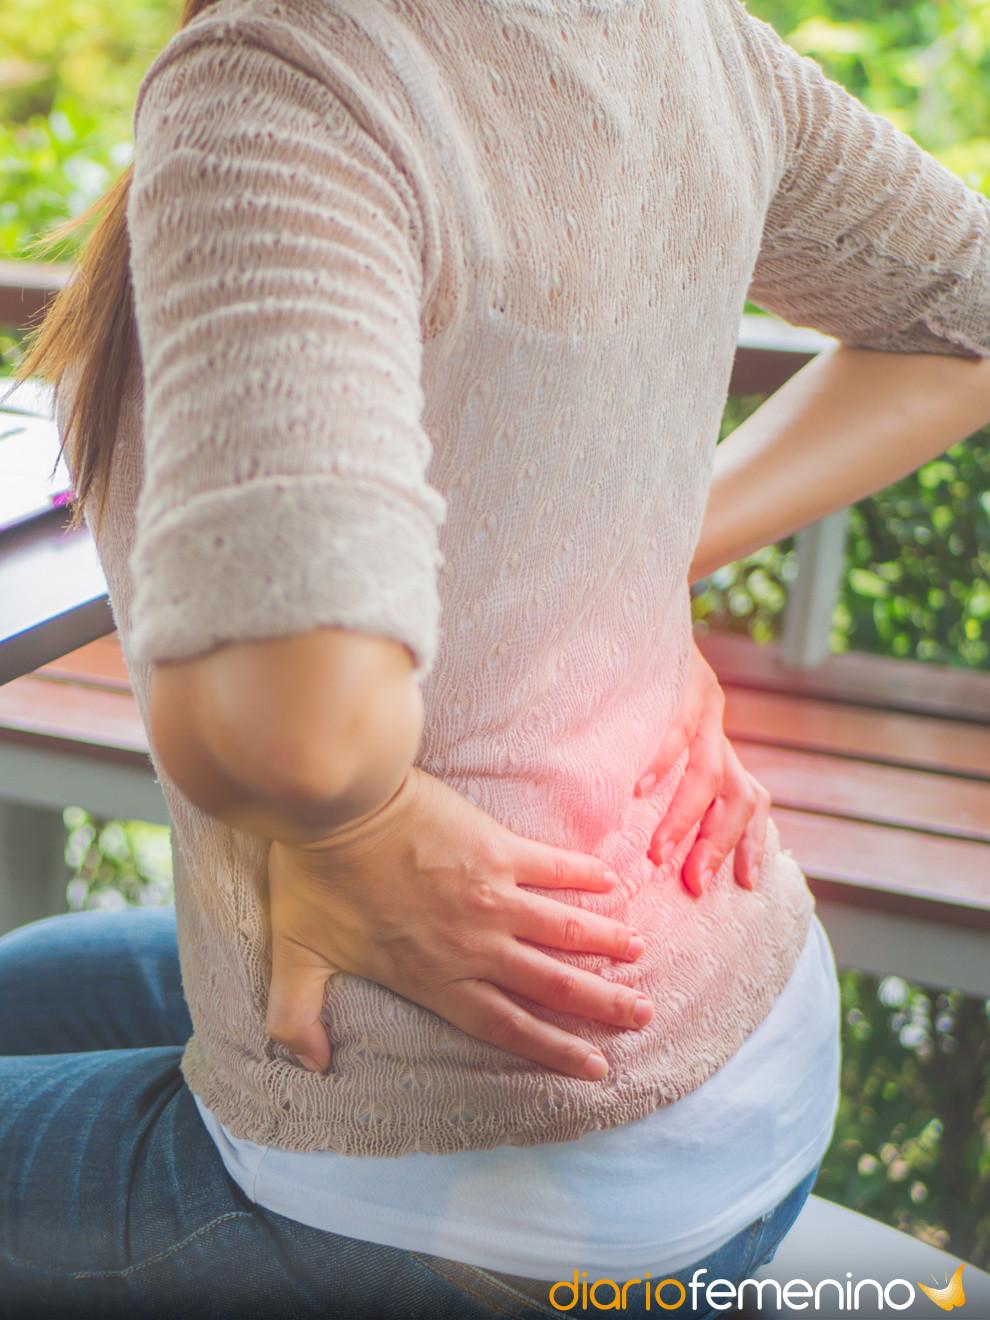 ¿Puede la diabetes causar dolor de estómago y vómitos?